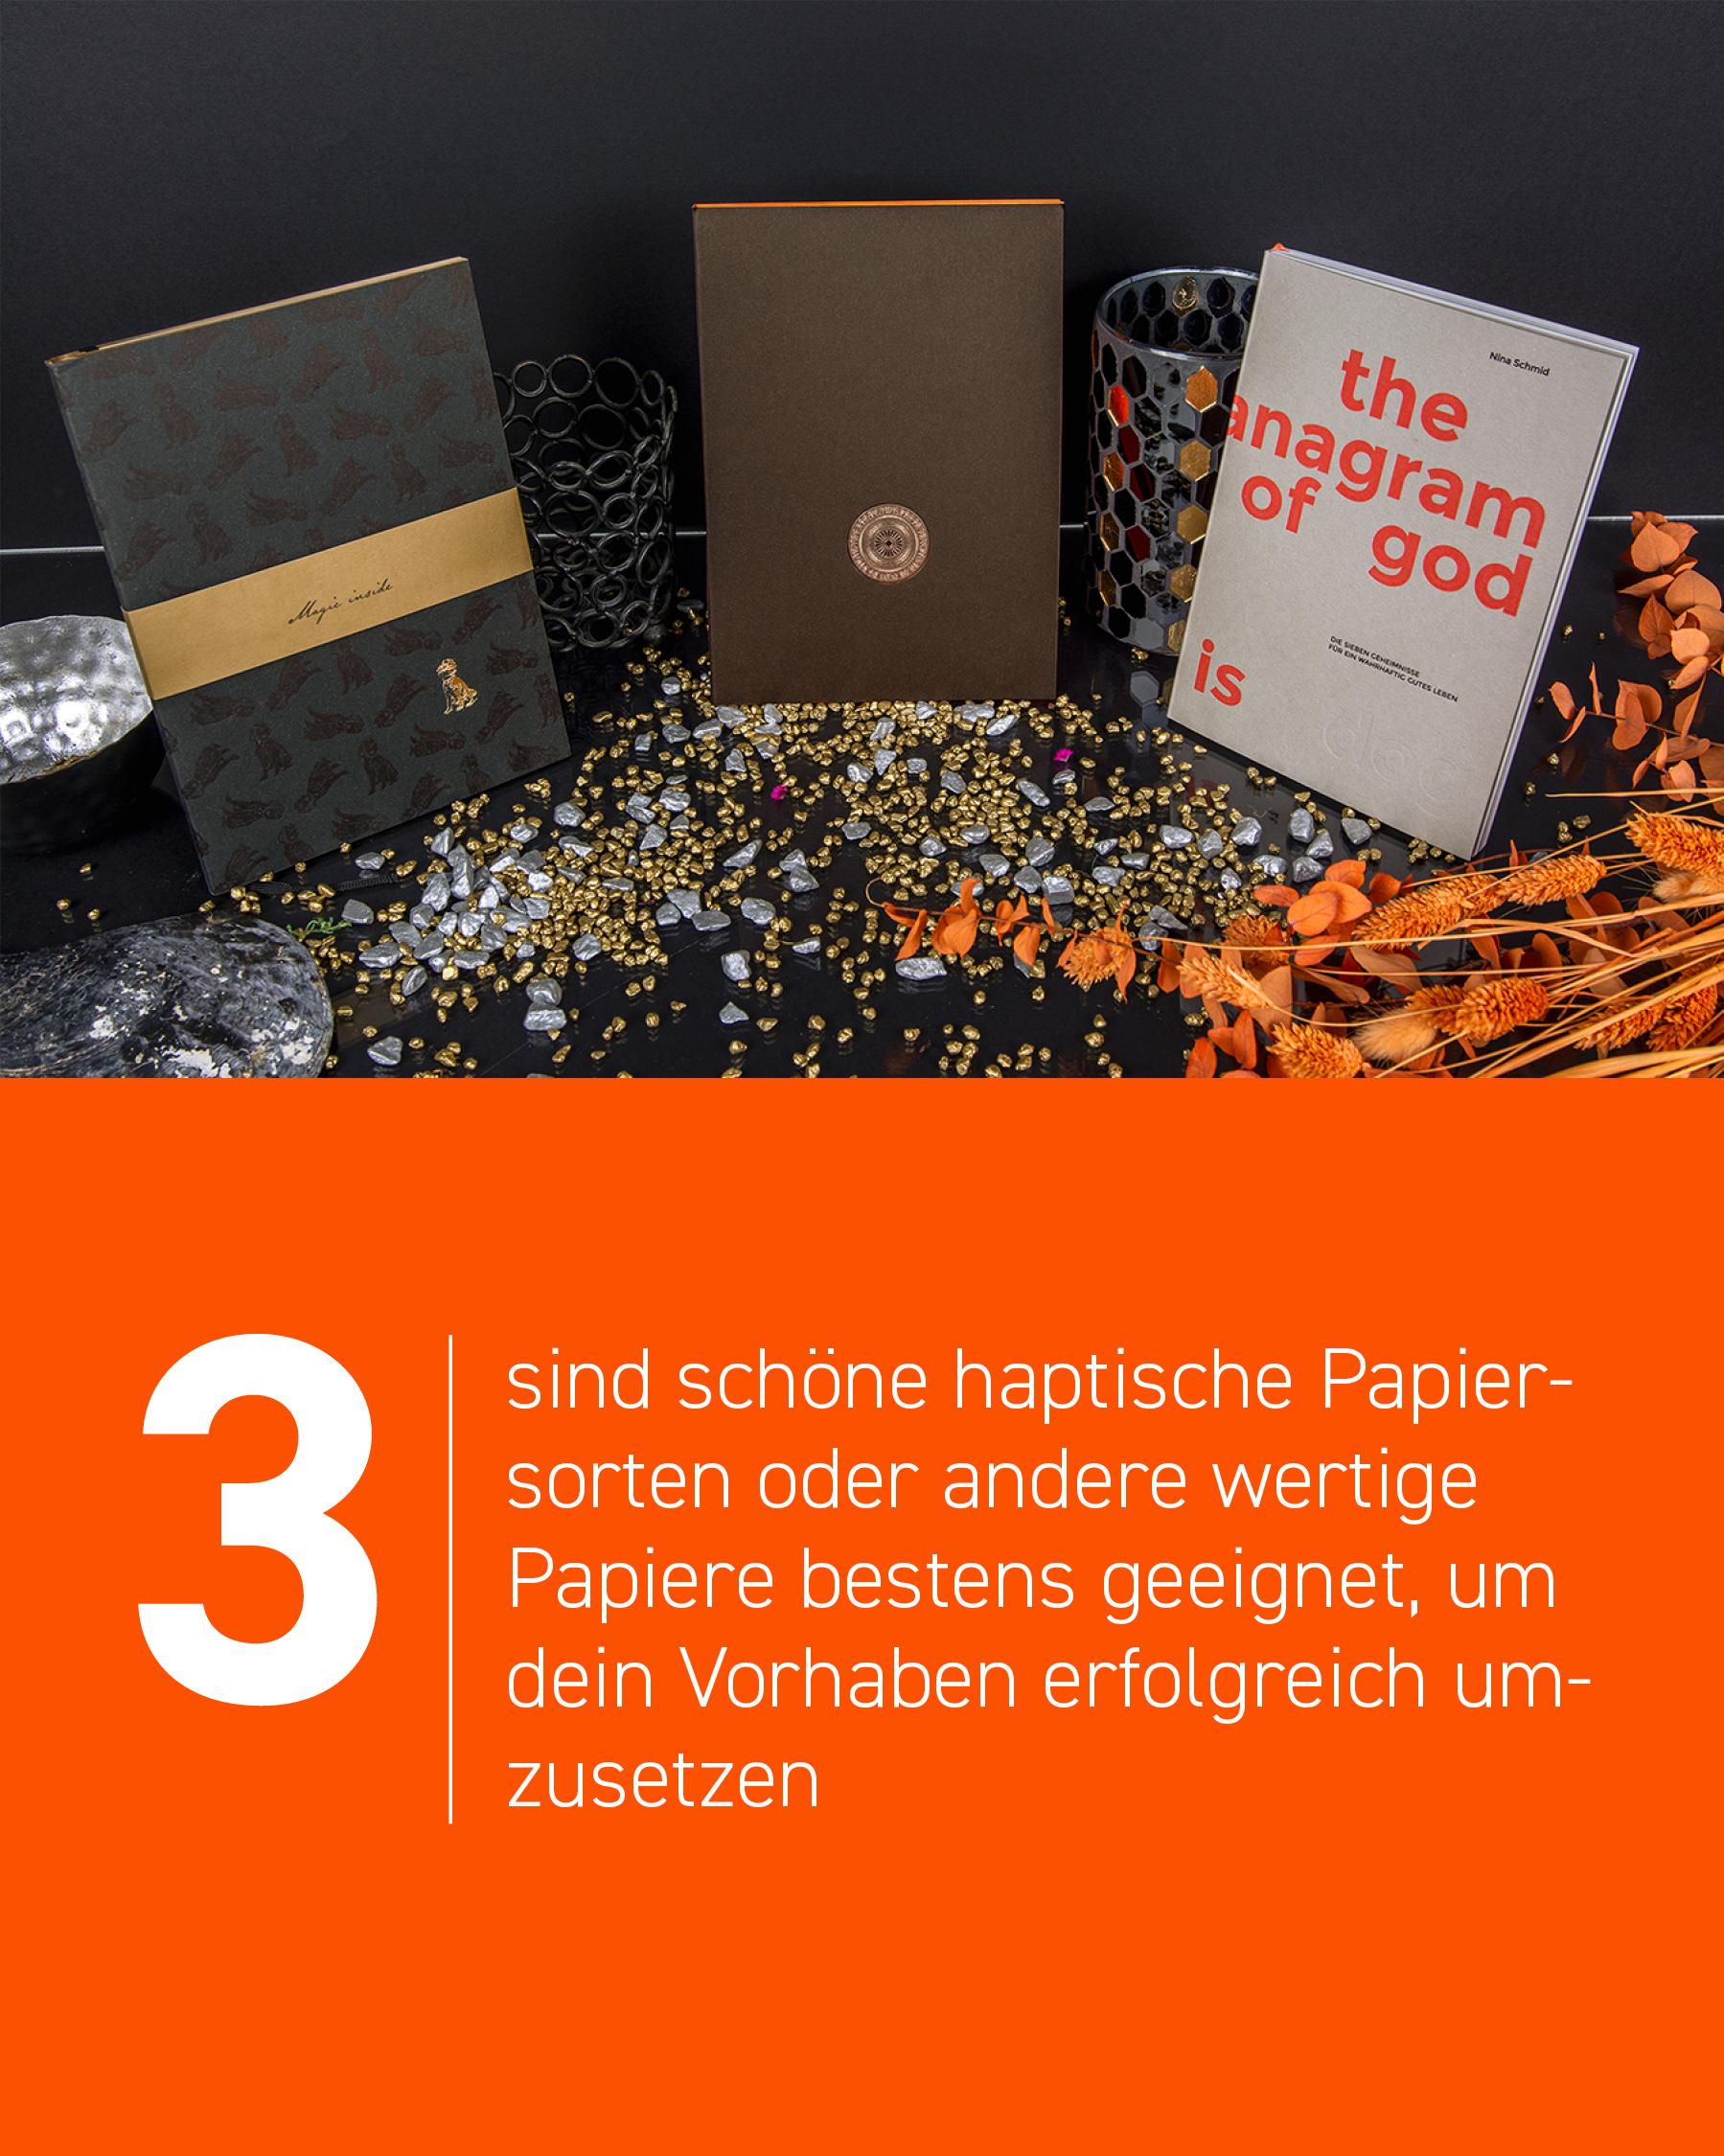 Dittens sind schöne haptische Papiersorten oder andere wertige Papiere bestens geeignet, um dein Vorhaben erfolgreich umzusetzen